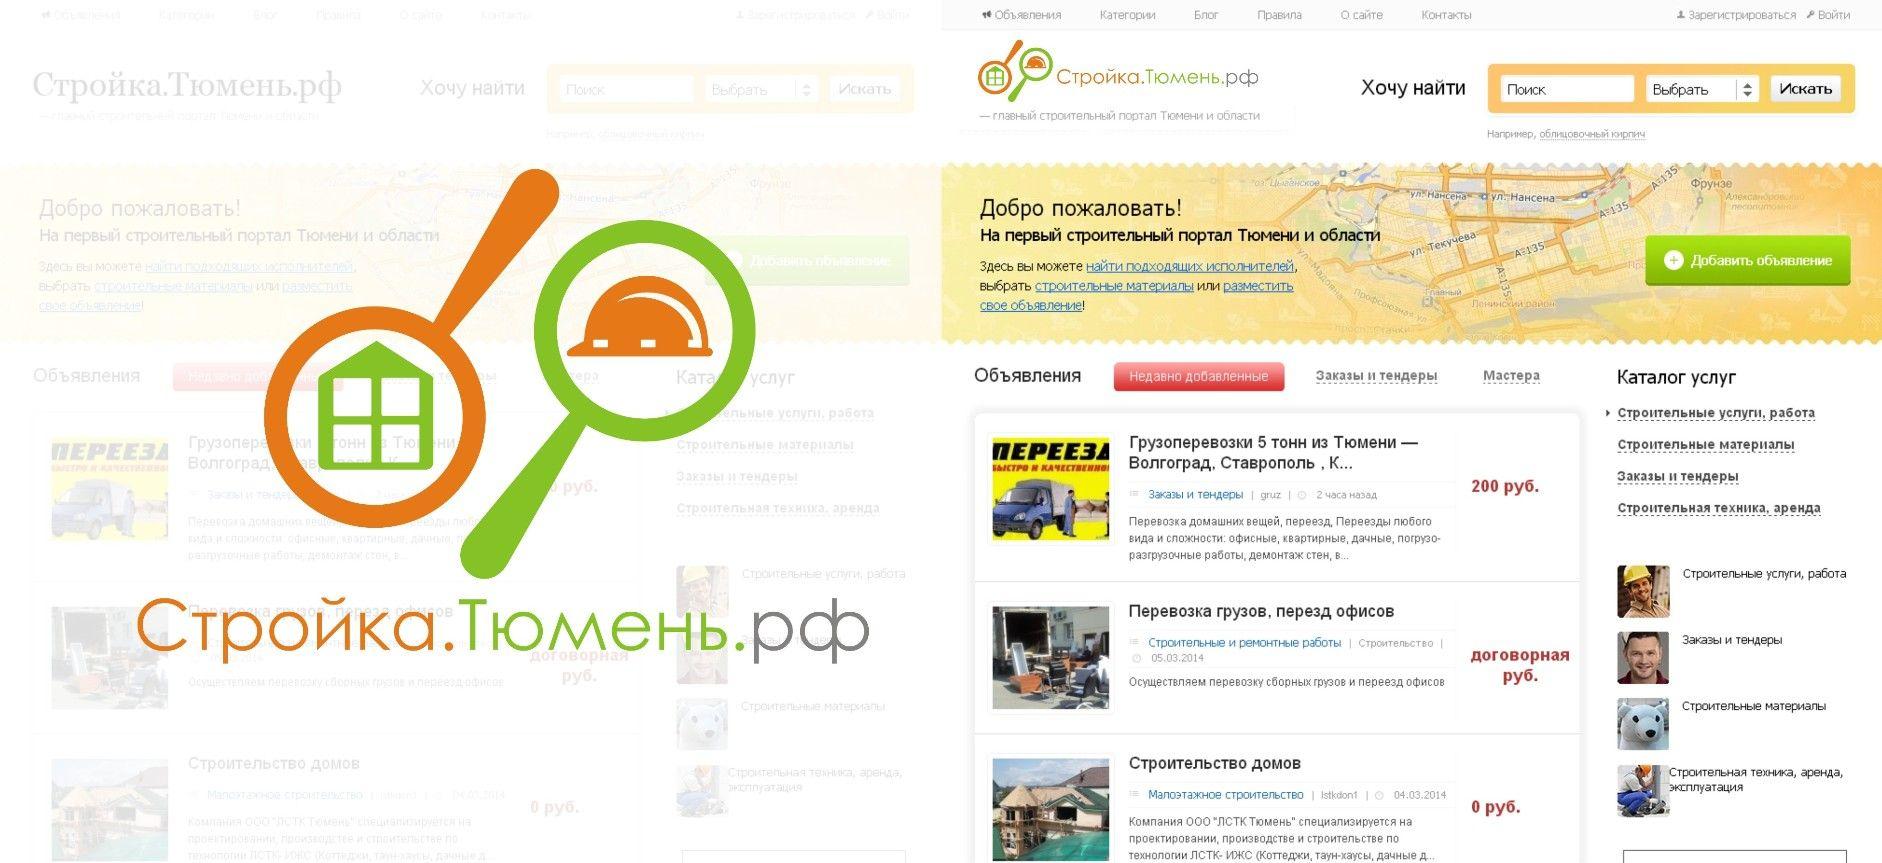 Логотип для строительного портала - дизайнер 89638480888